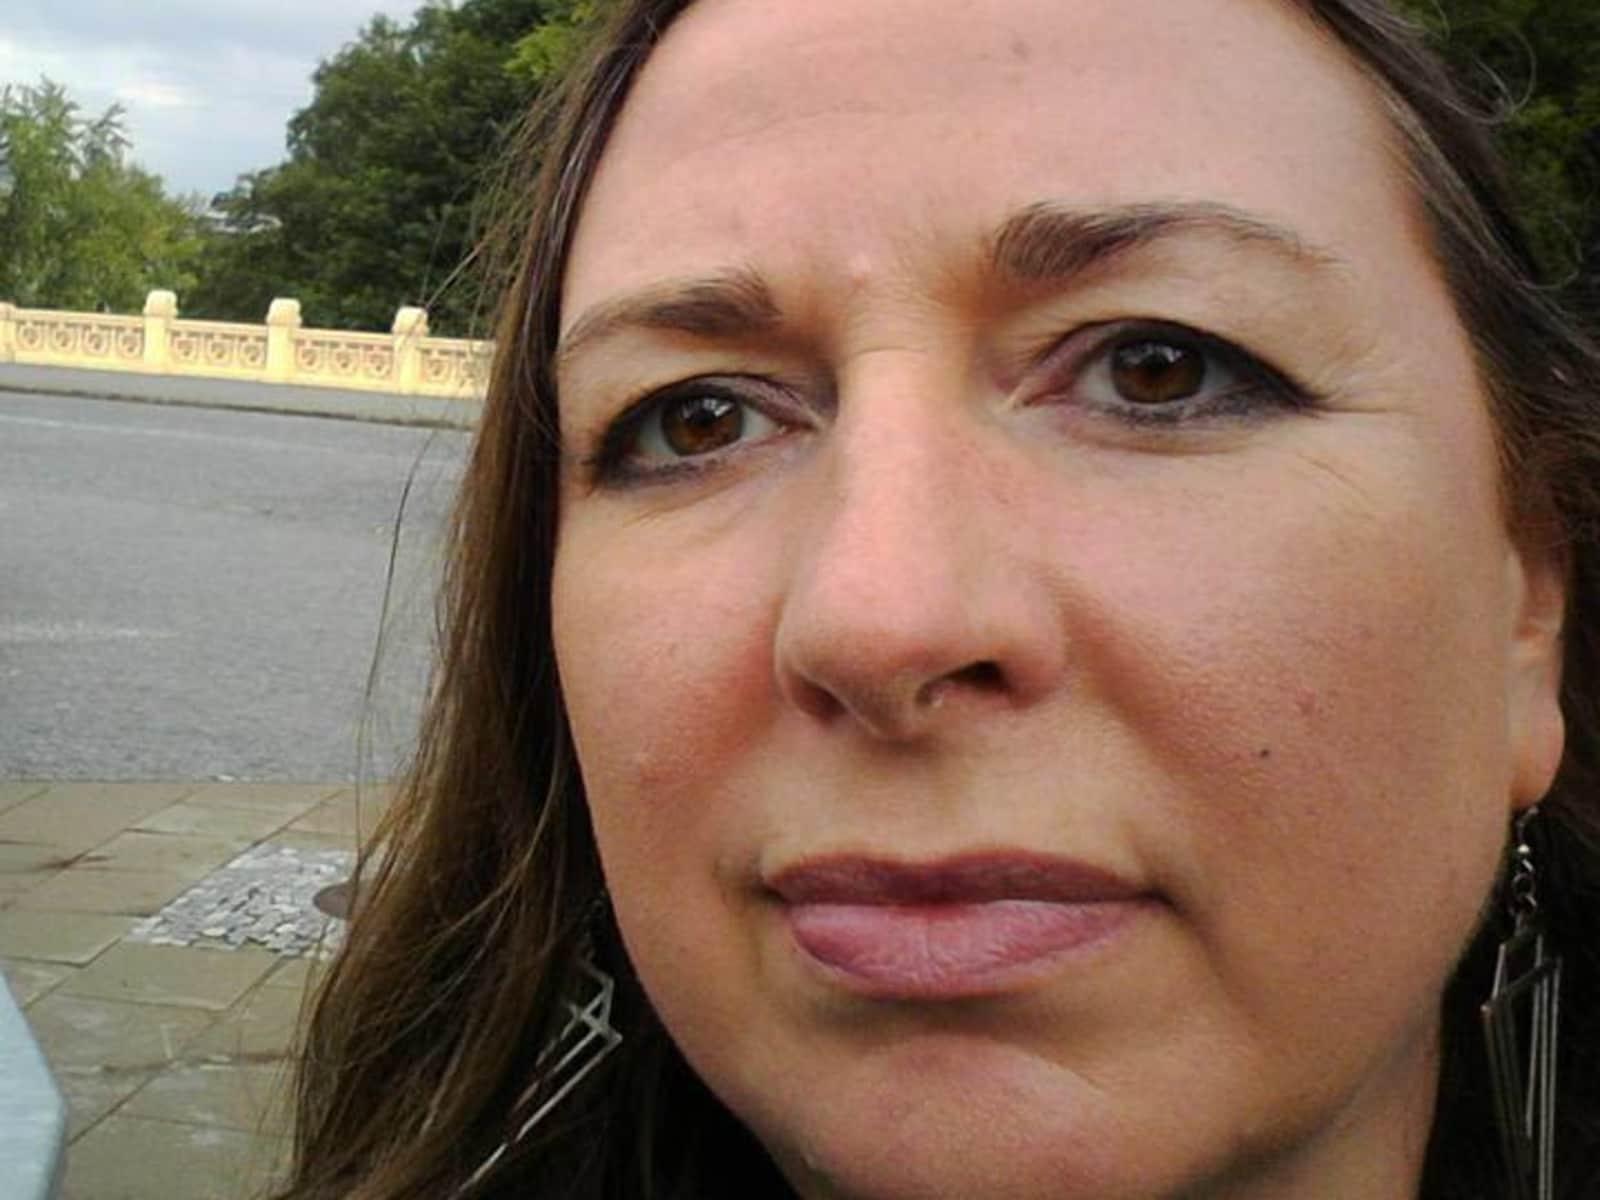 Yvonne from Kinsale, Ireland